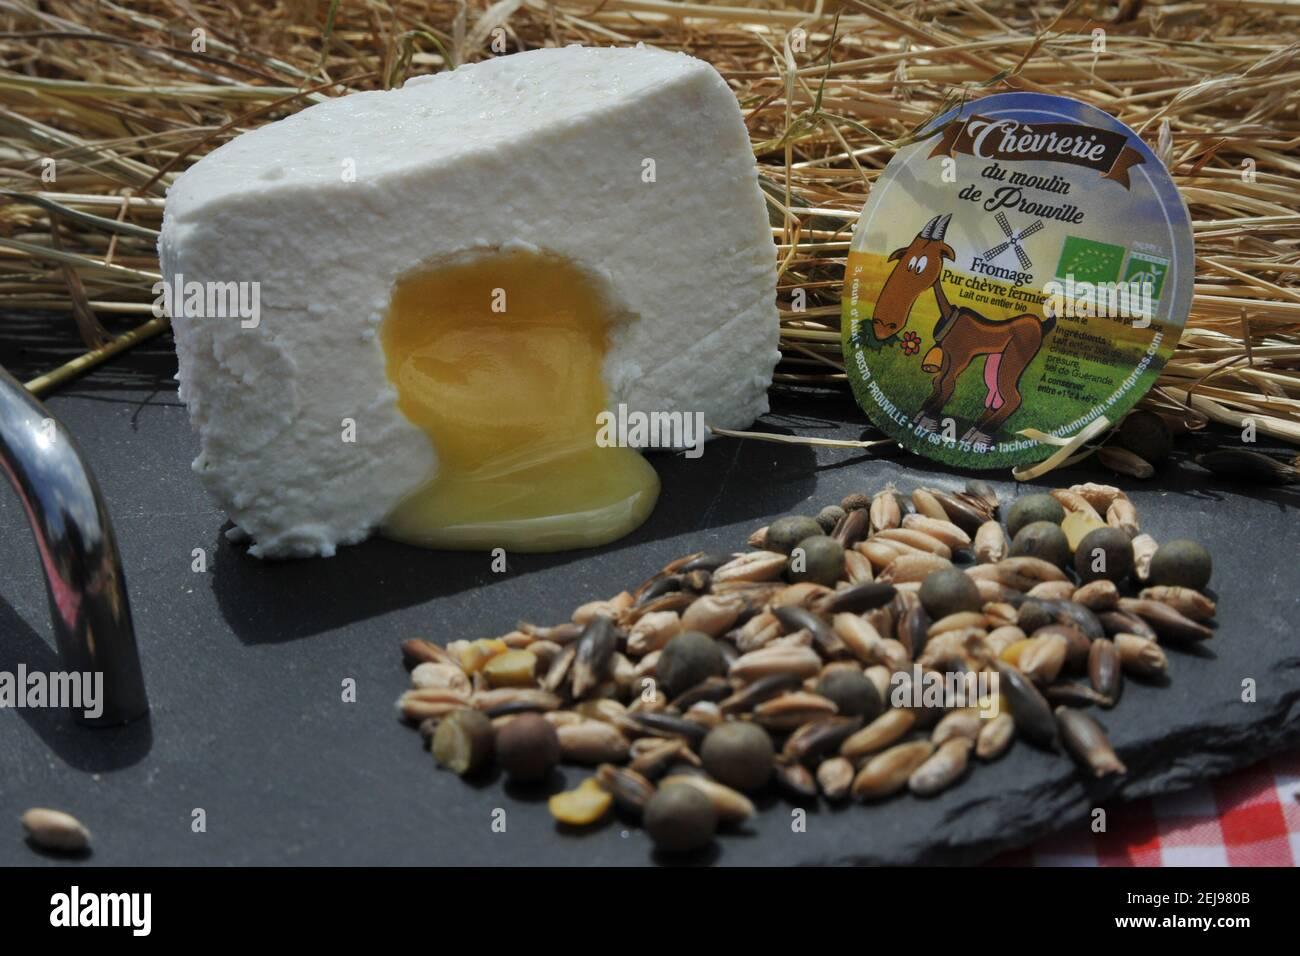 Élevage de chèvres et production de produits biologiques à partir de lait de chèvre Banque D'Images